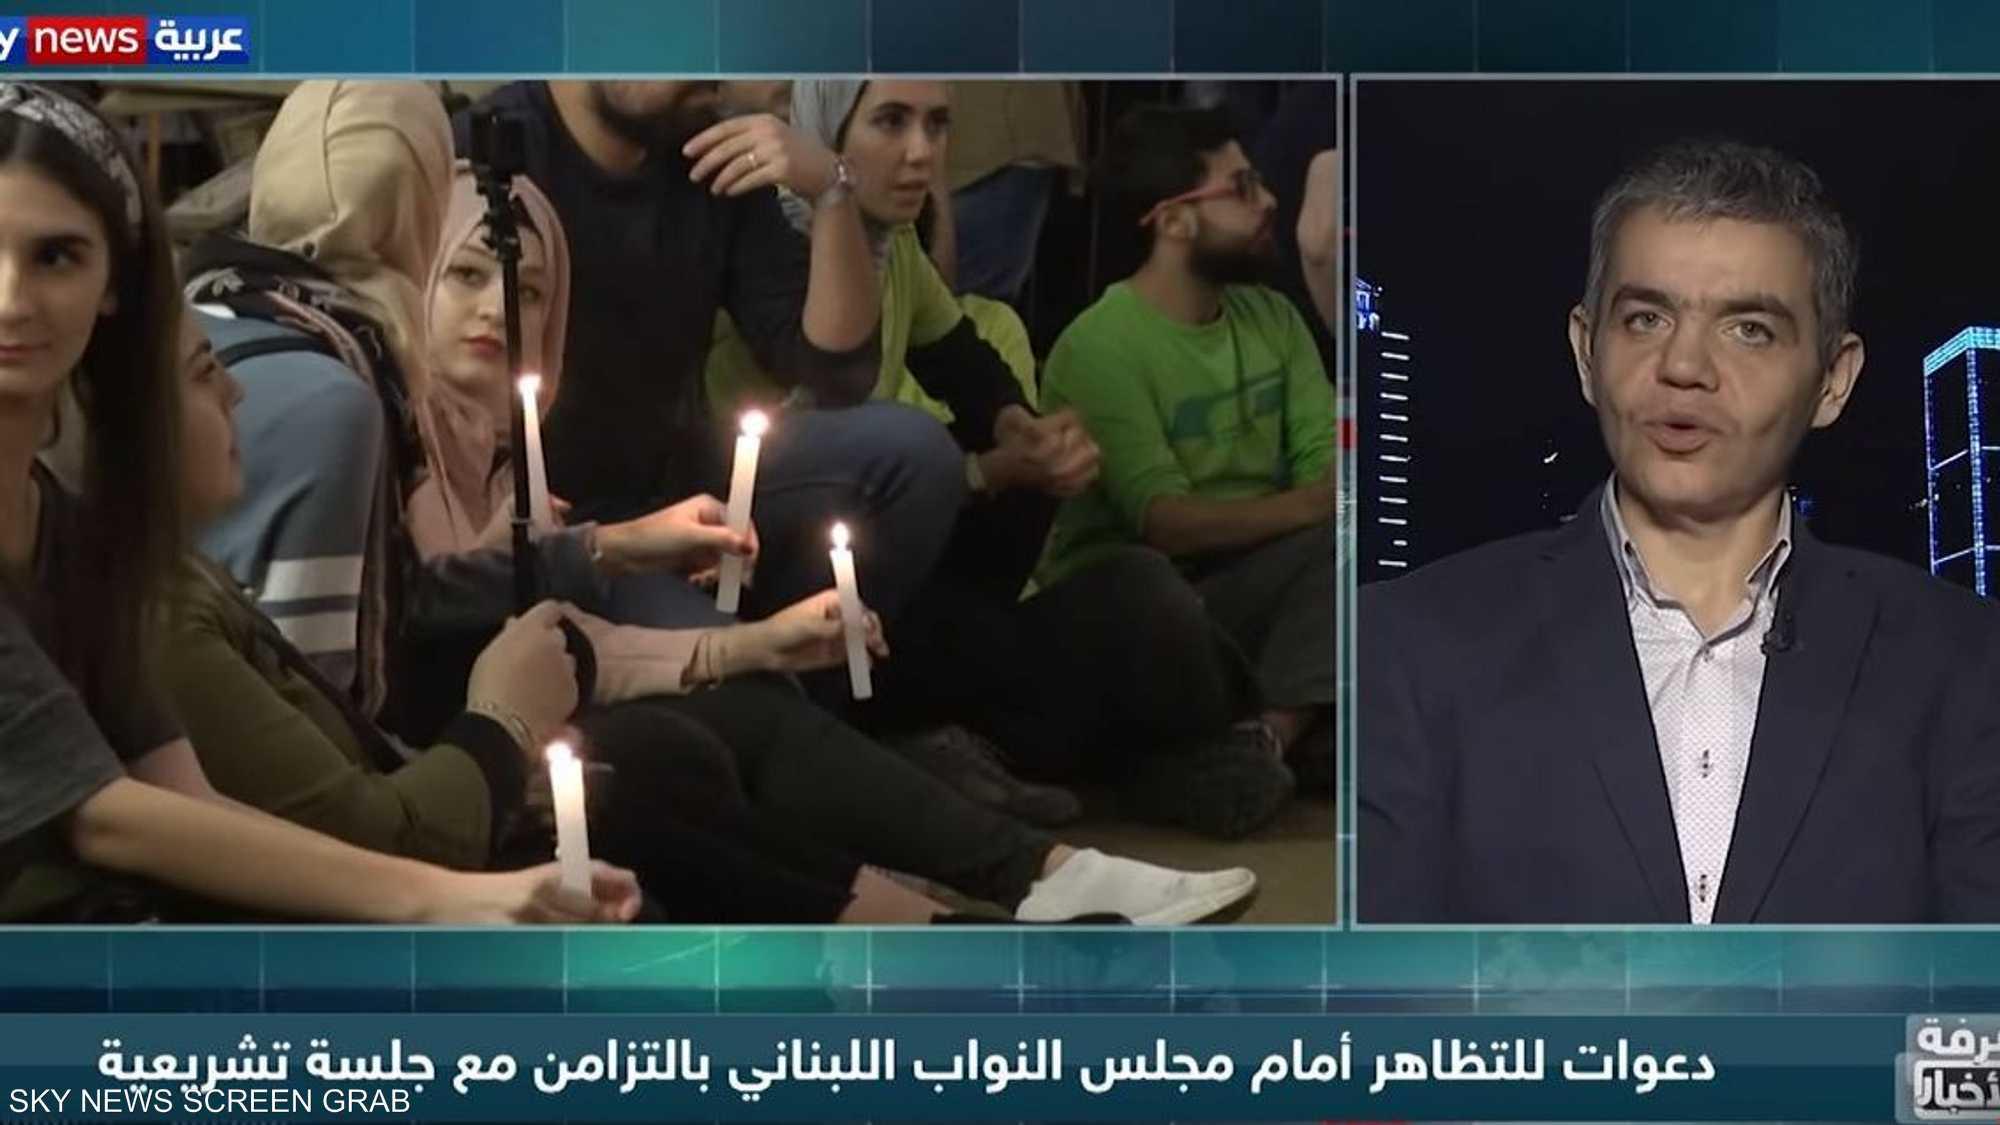 لبنان.. دعوات للإضراب في غياب حلول سياسية